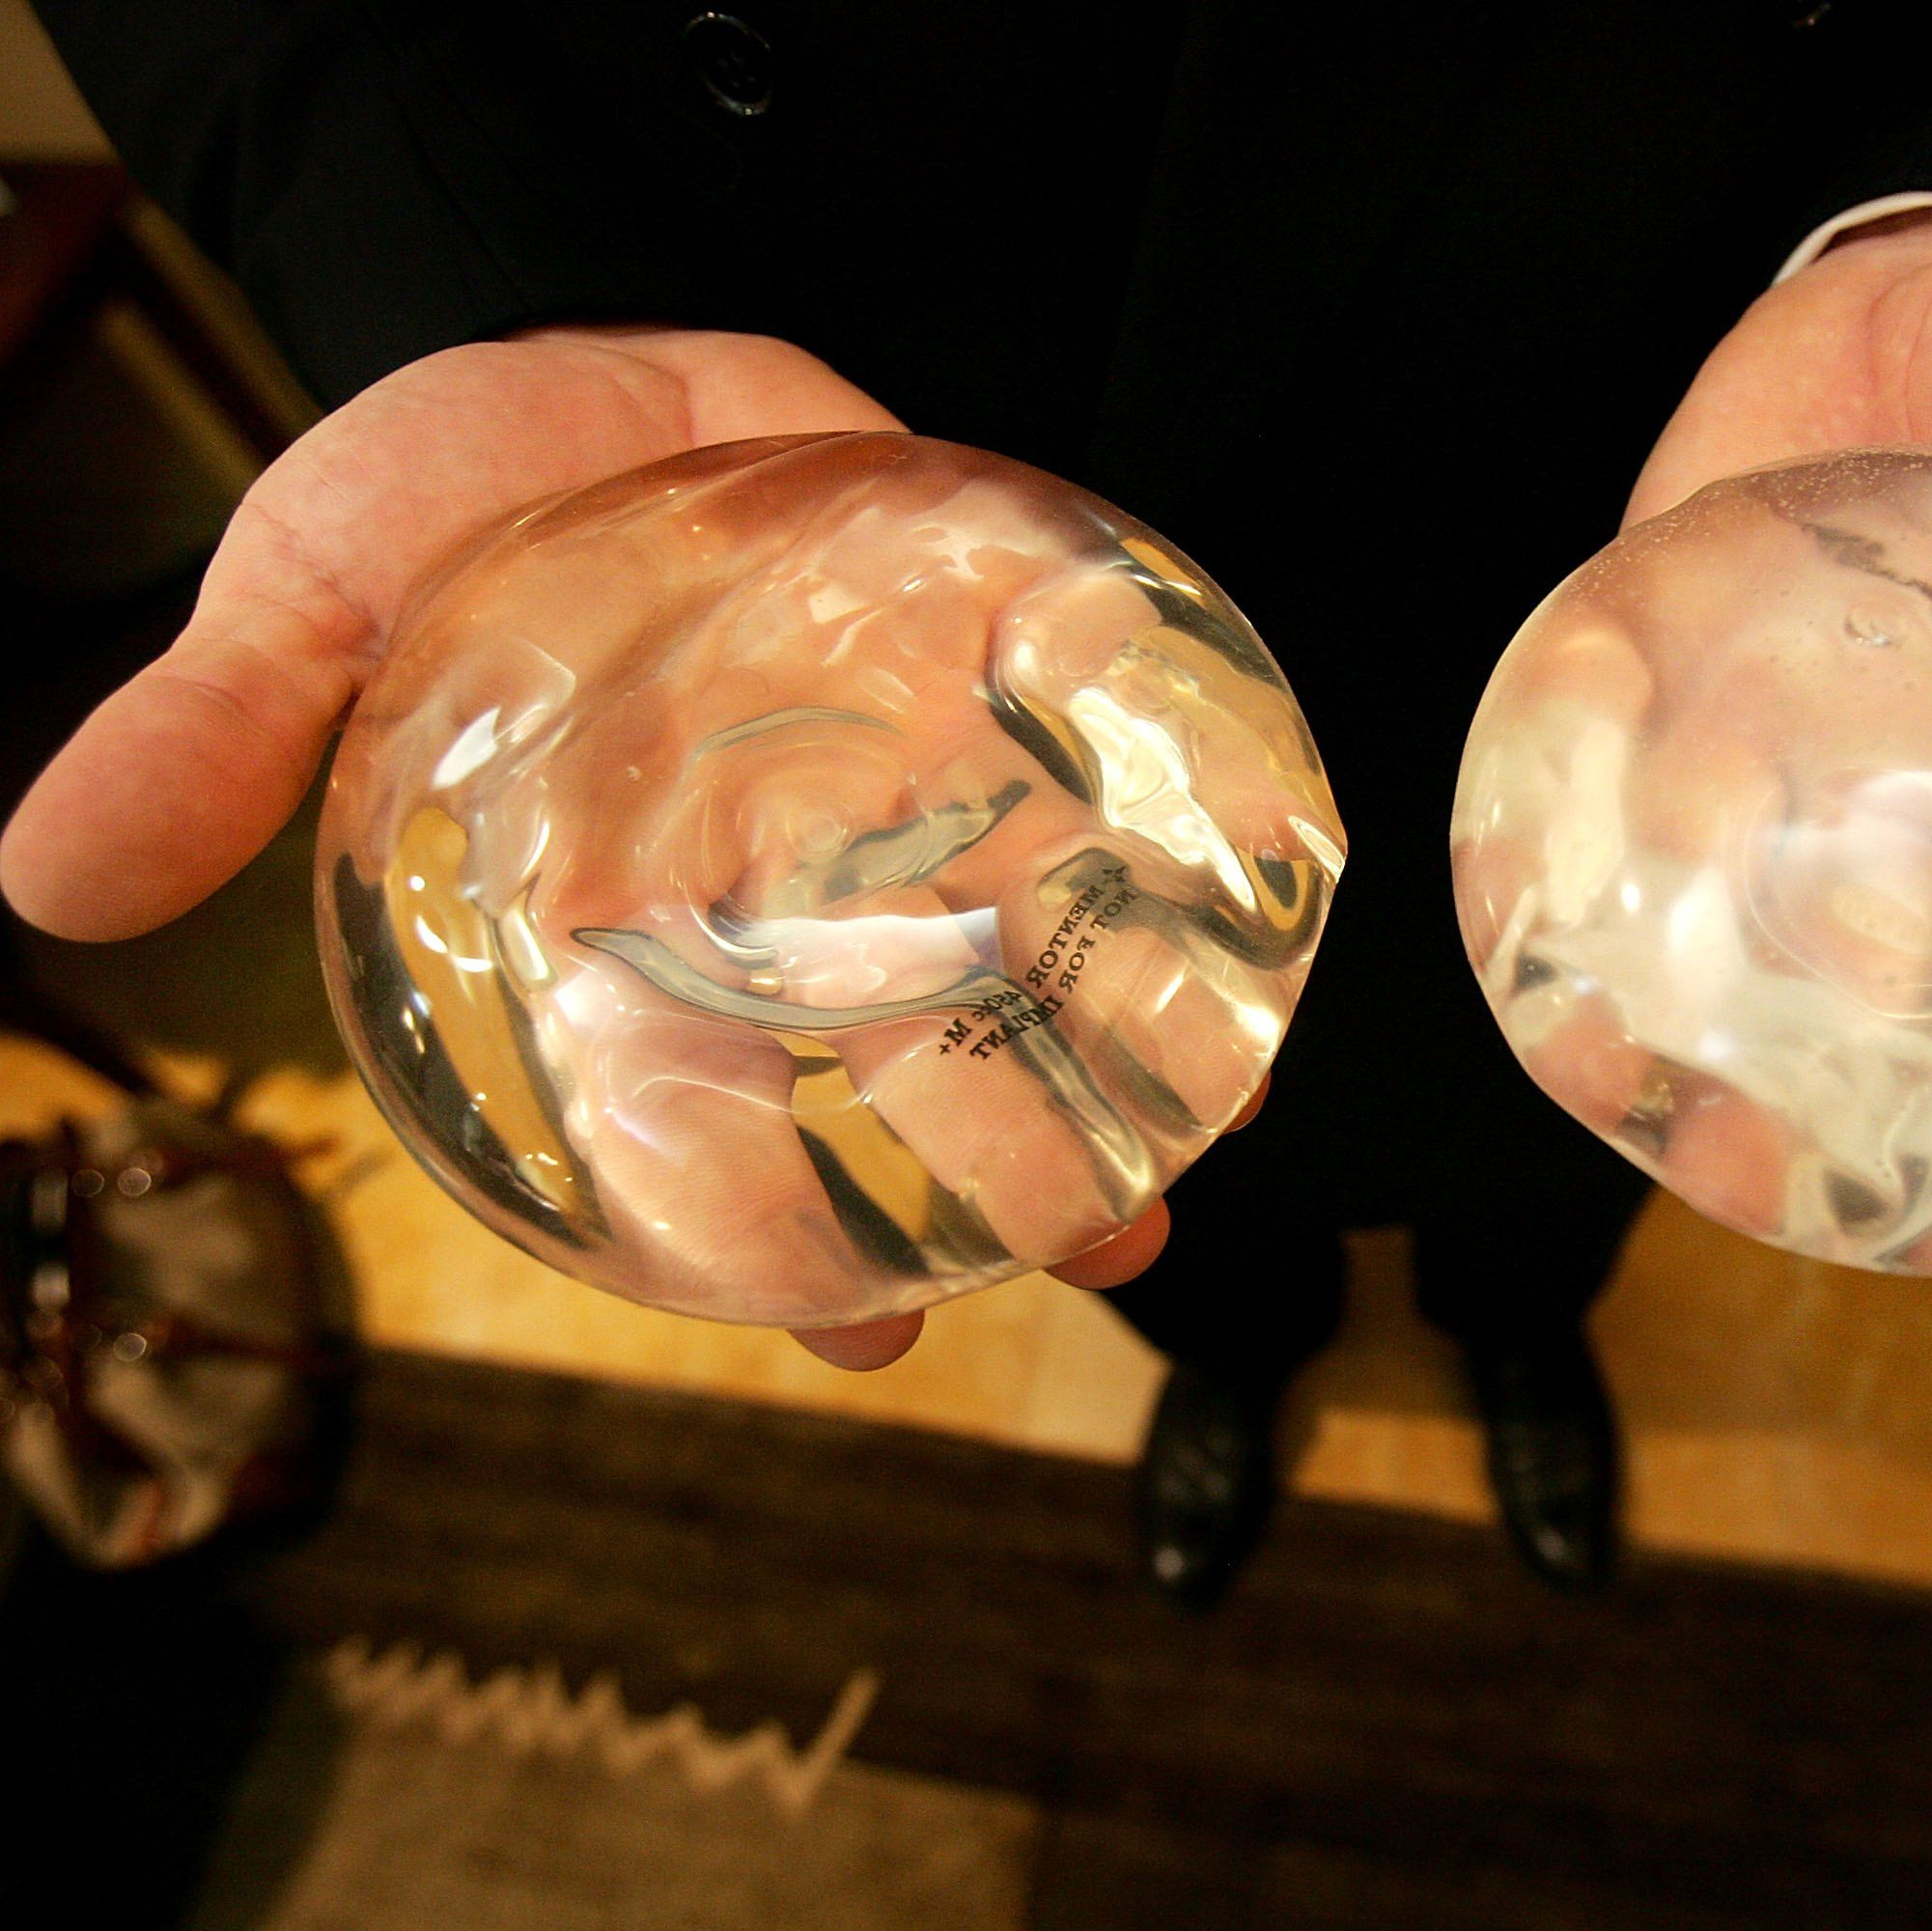 Паниката заради дефектни силиконови импланти в Европа